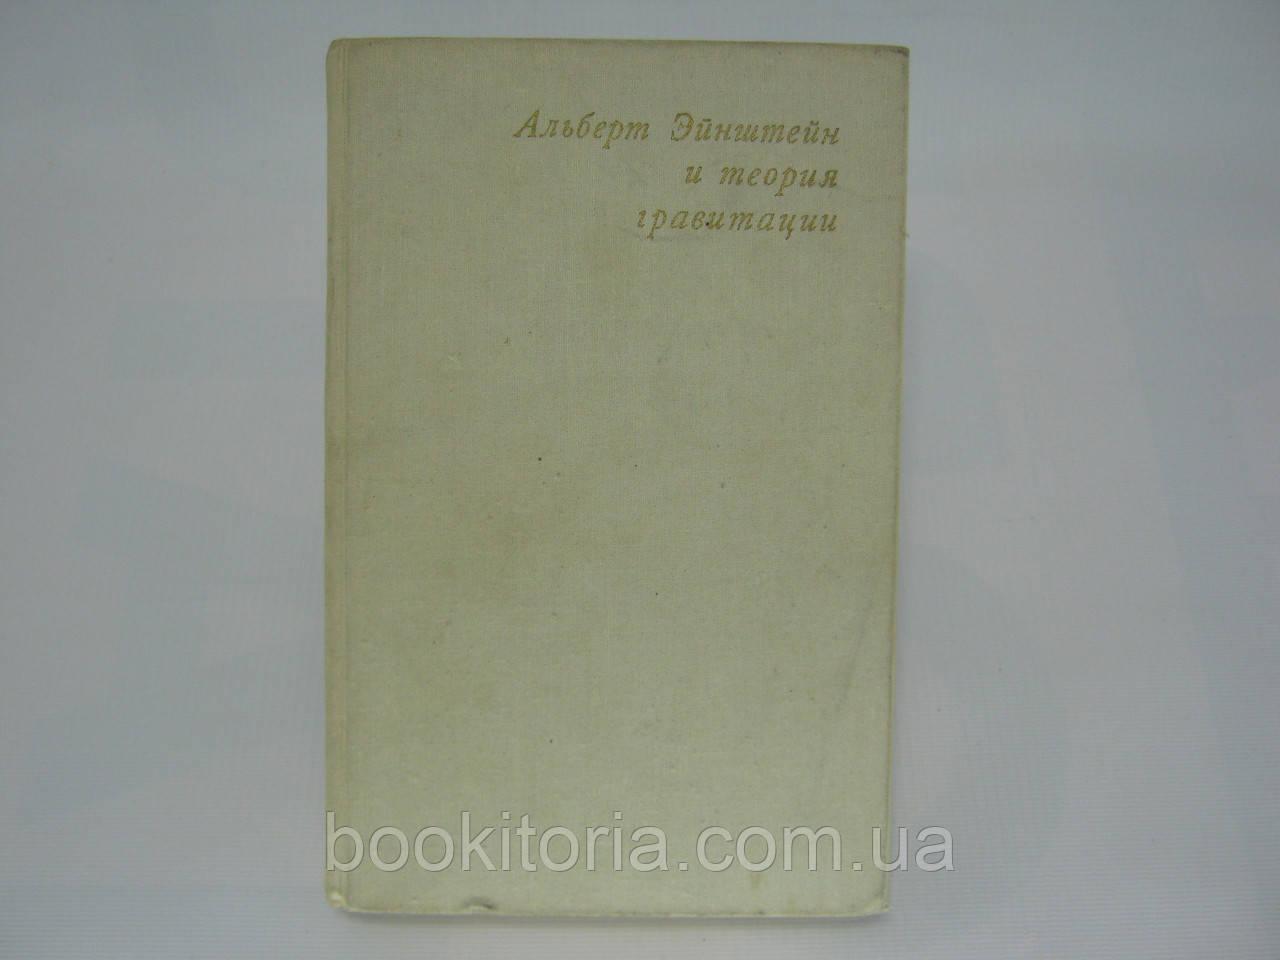 Альберт Эйнштейн и теория гравитации. Сборник статей (б/у).